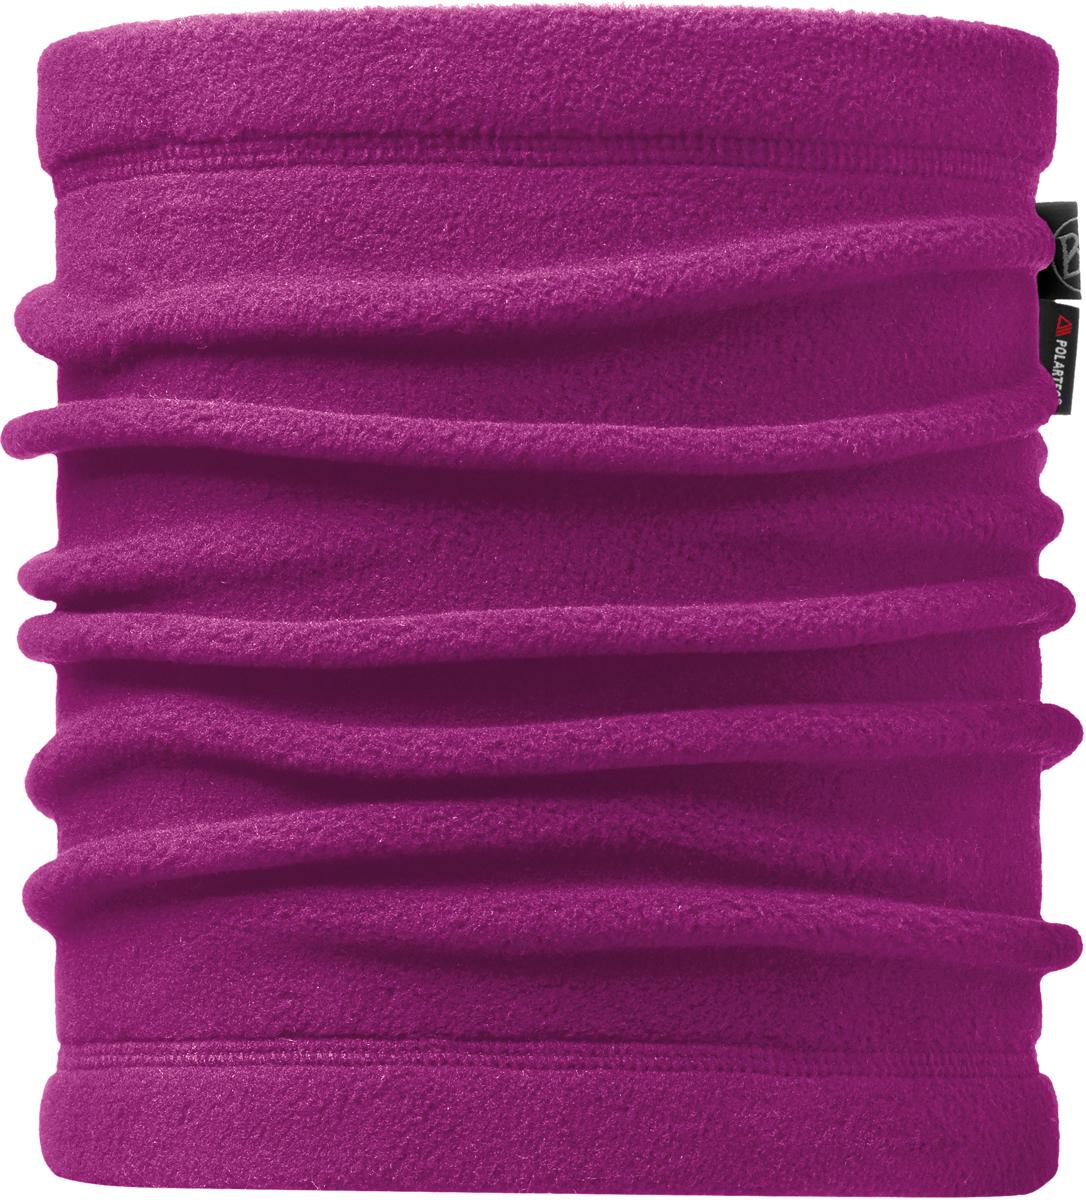 Шарф Buff Polar, цвет: фуксия. 113125.636.10.00. Размер универсальный113125.636.10.00Шапка Buff Polar в холодную погоду поддерживает нормальную температуру тела и предотвращает потерю тепла, благодаря комбинации микрофибры и Polartec. Шапка является неотъемлемой частью зимней одежды.